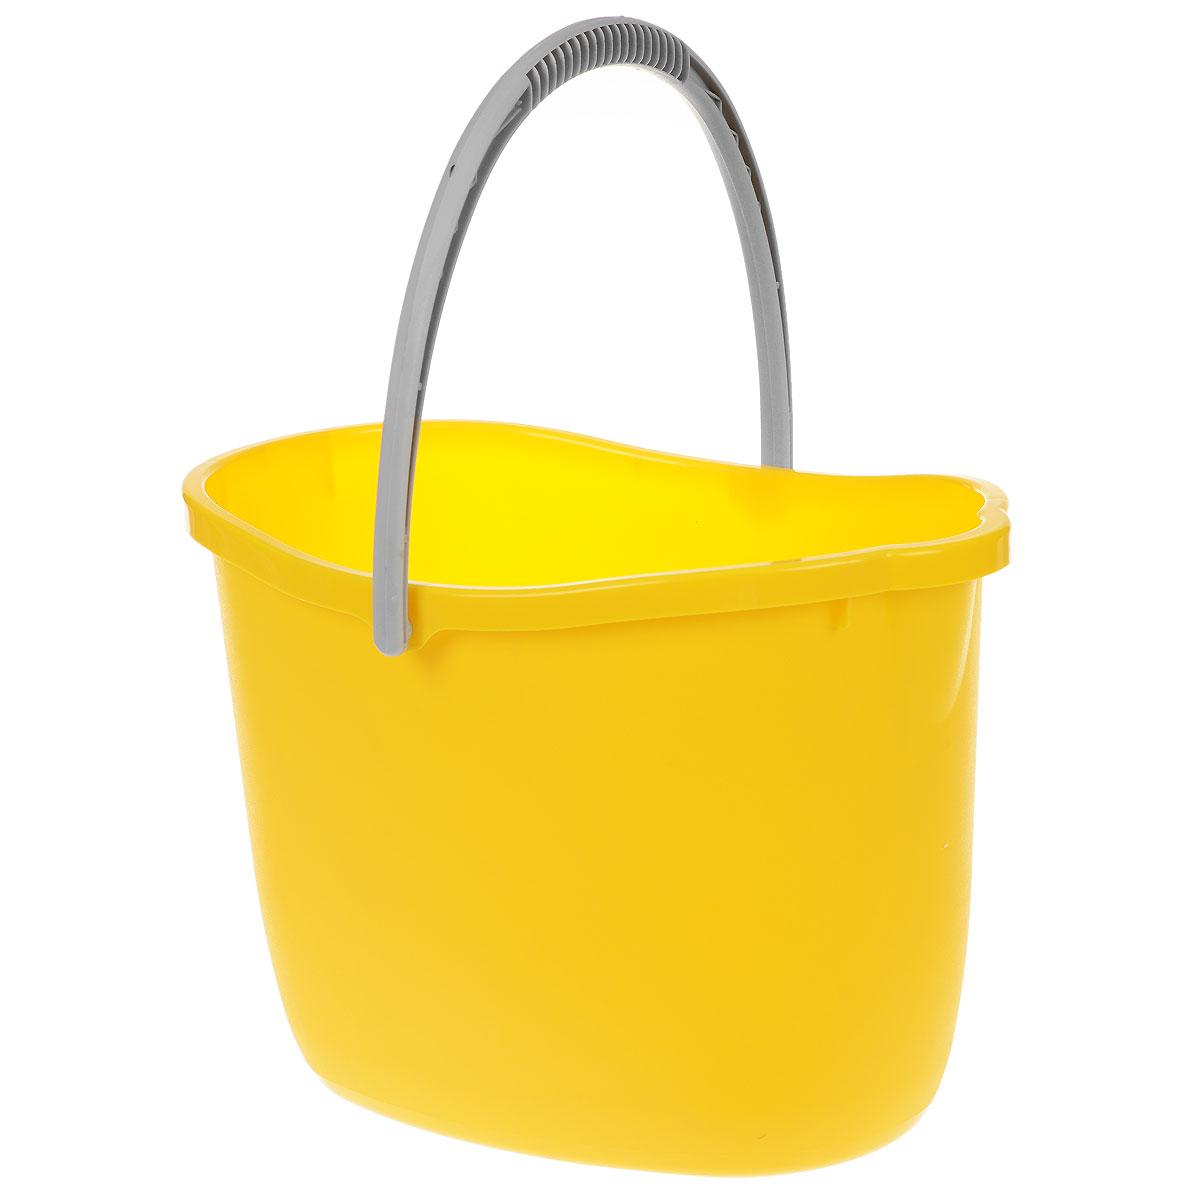 Ведро Apex, цвет: желтый, 15 л. 10365870323Ведро Apex изготовлено из высококачественного цветного пластика. Оно легче железного и не подвержено коррозии.Уникальный дизайн и эргономическая форма ручки позволяет с комфортом и безболезненно переносить содержимое ведра.Такое ведро станет незаменимым помощником в хозяйстве.Размер (по верхнему краю): 26 см х 37 см.Высота (без учета ручки): 26 см.